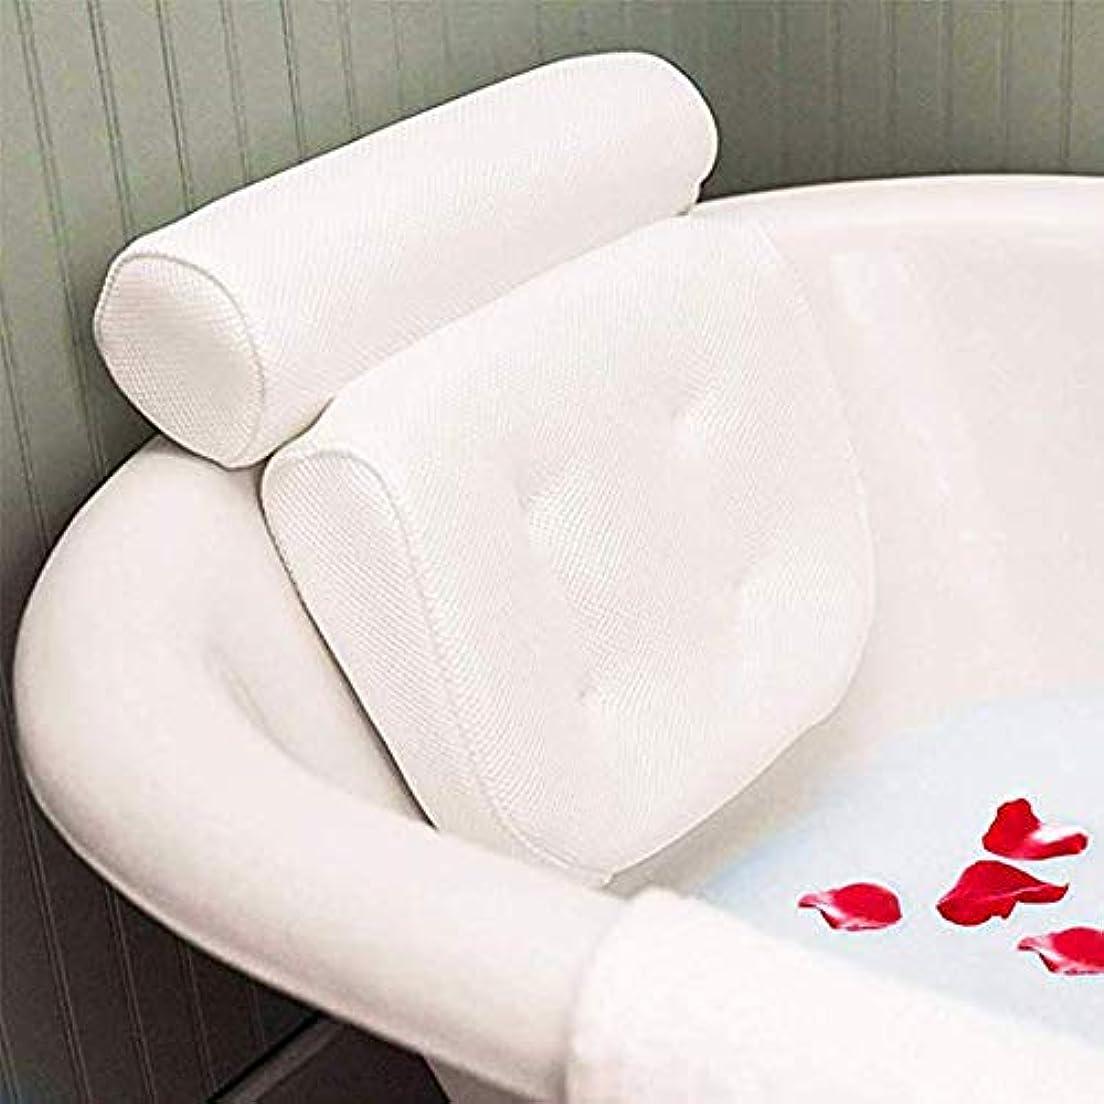 満了部門勝利した頭、首、肩と背中のサポートが付いている浴槽スパ枕、滑り止め4大型サクションカップはどんな浴槽にもフィットし、抗菌性です。,White